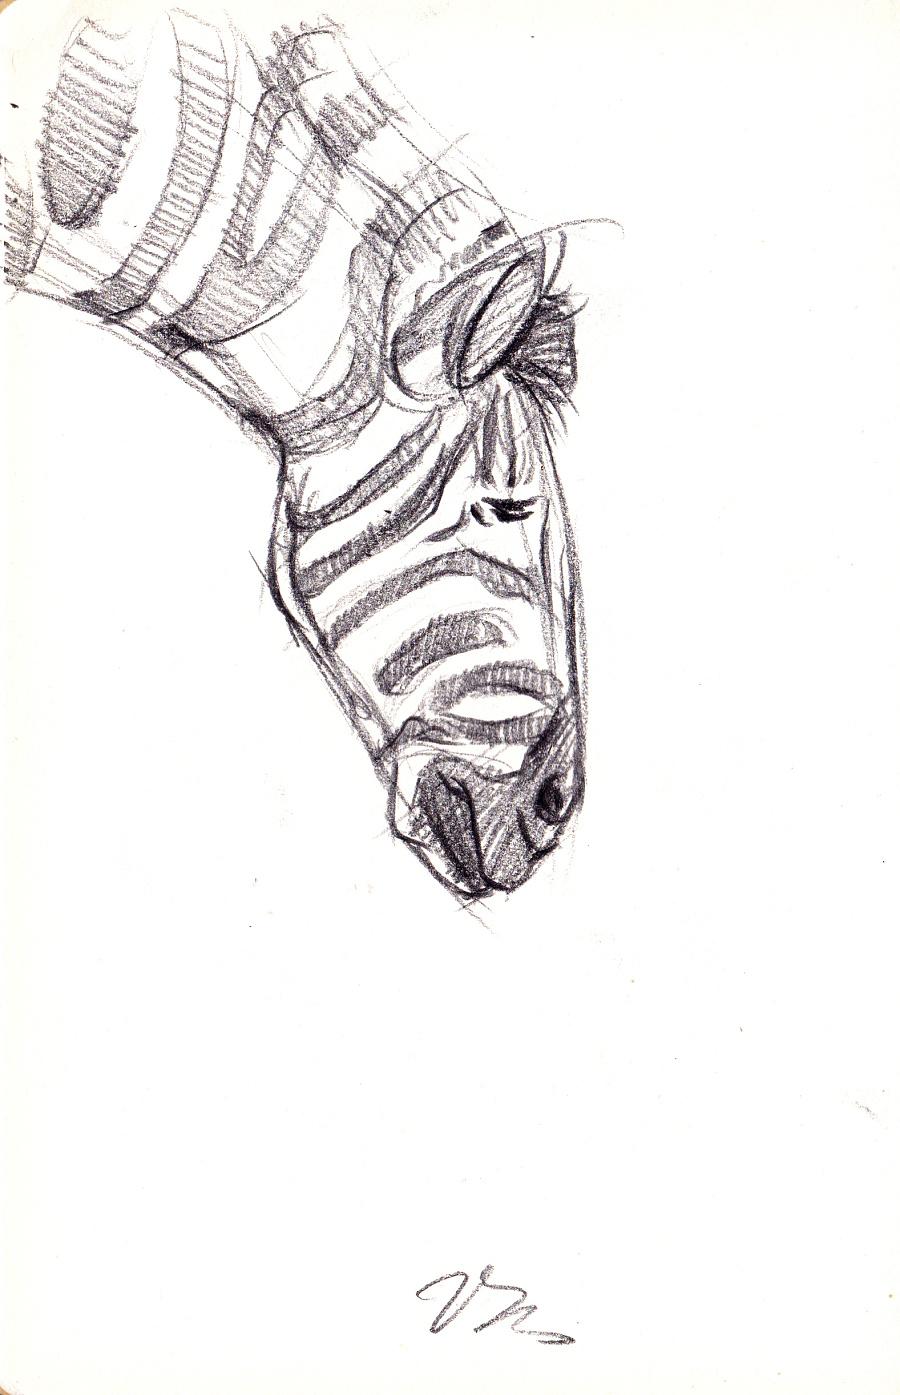 工业产品设计手绘之师法自然系列|单幅漫画|动漫